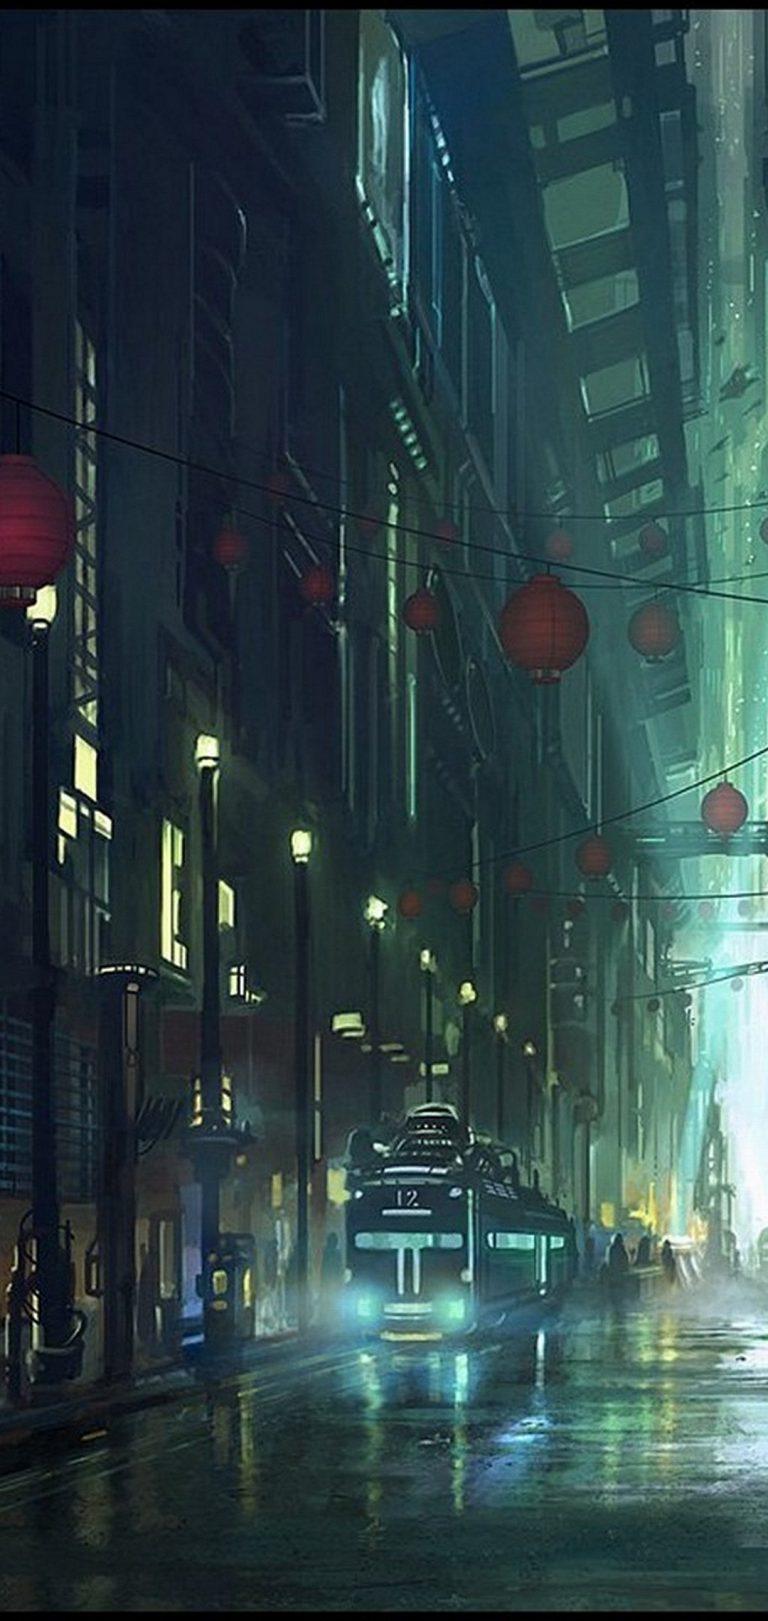 Artistic Night Wallpaper 1080x2280 768x1621